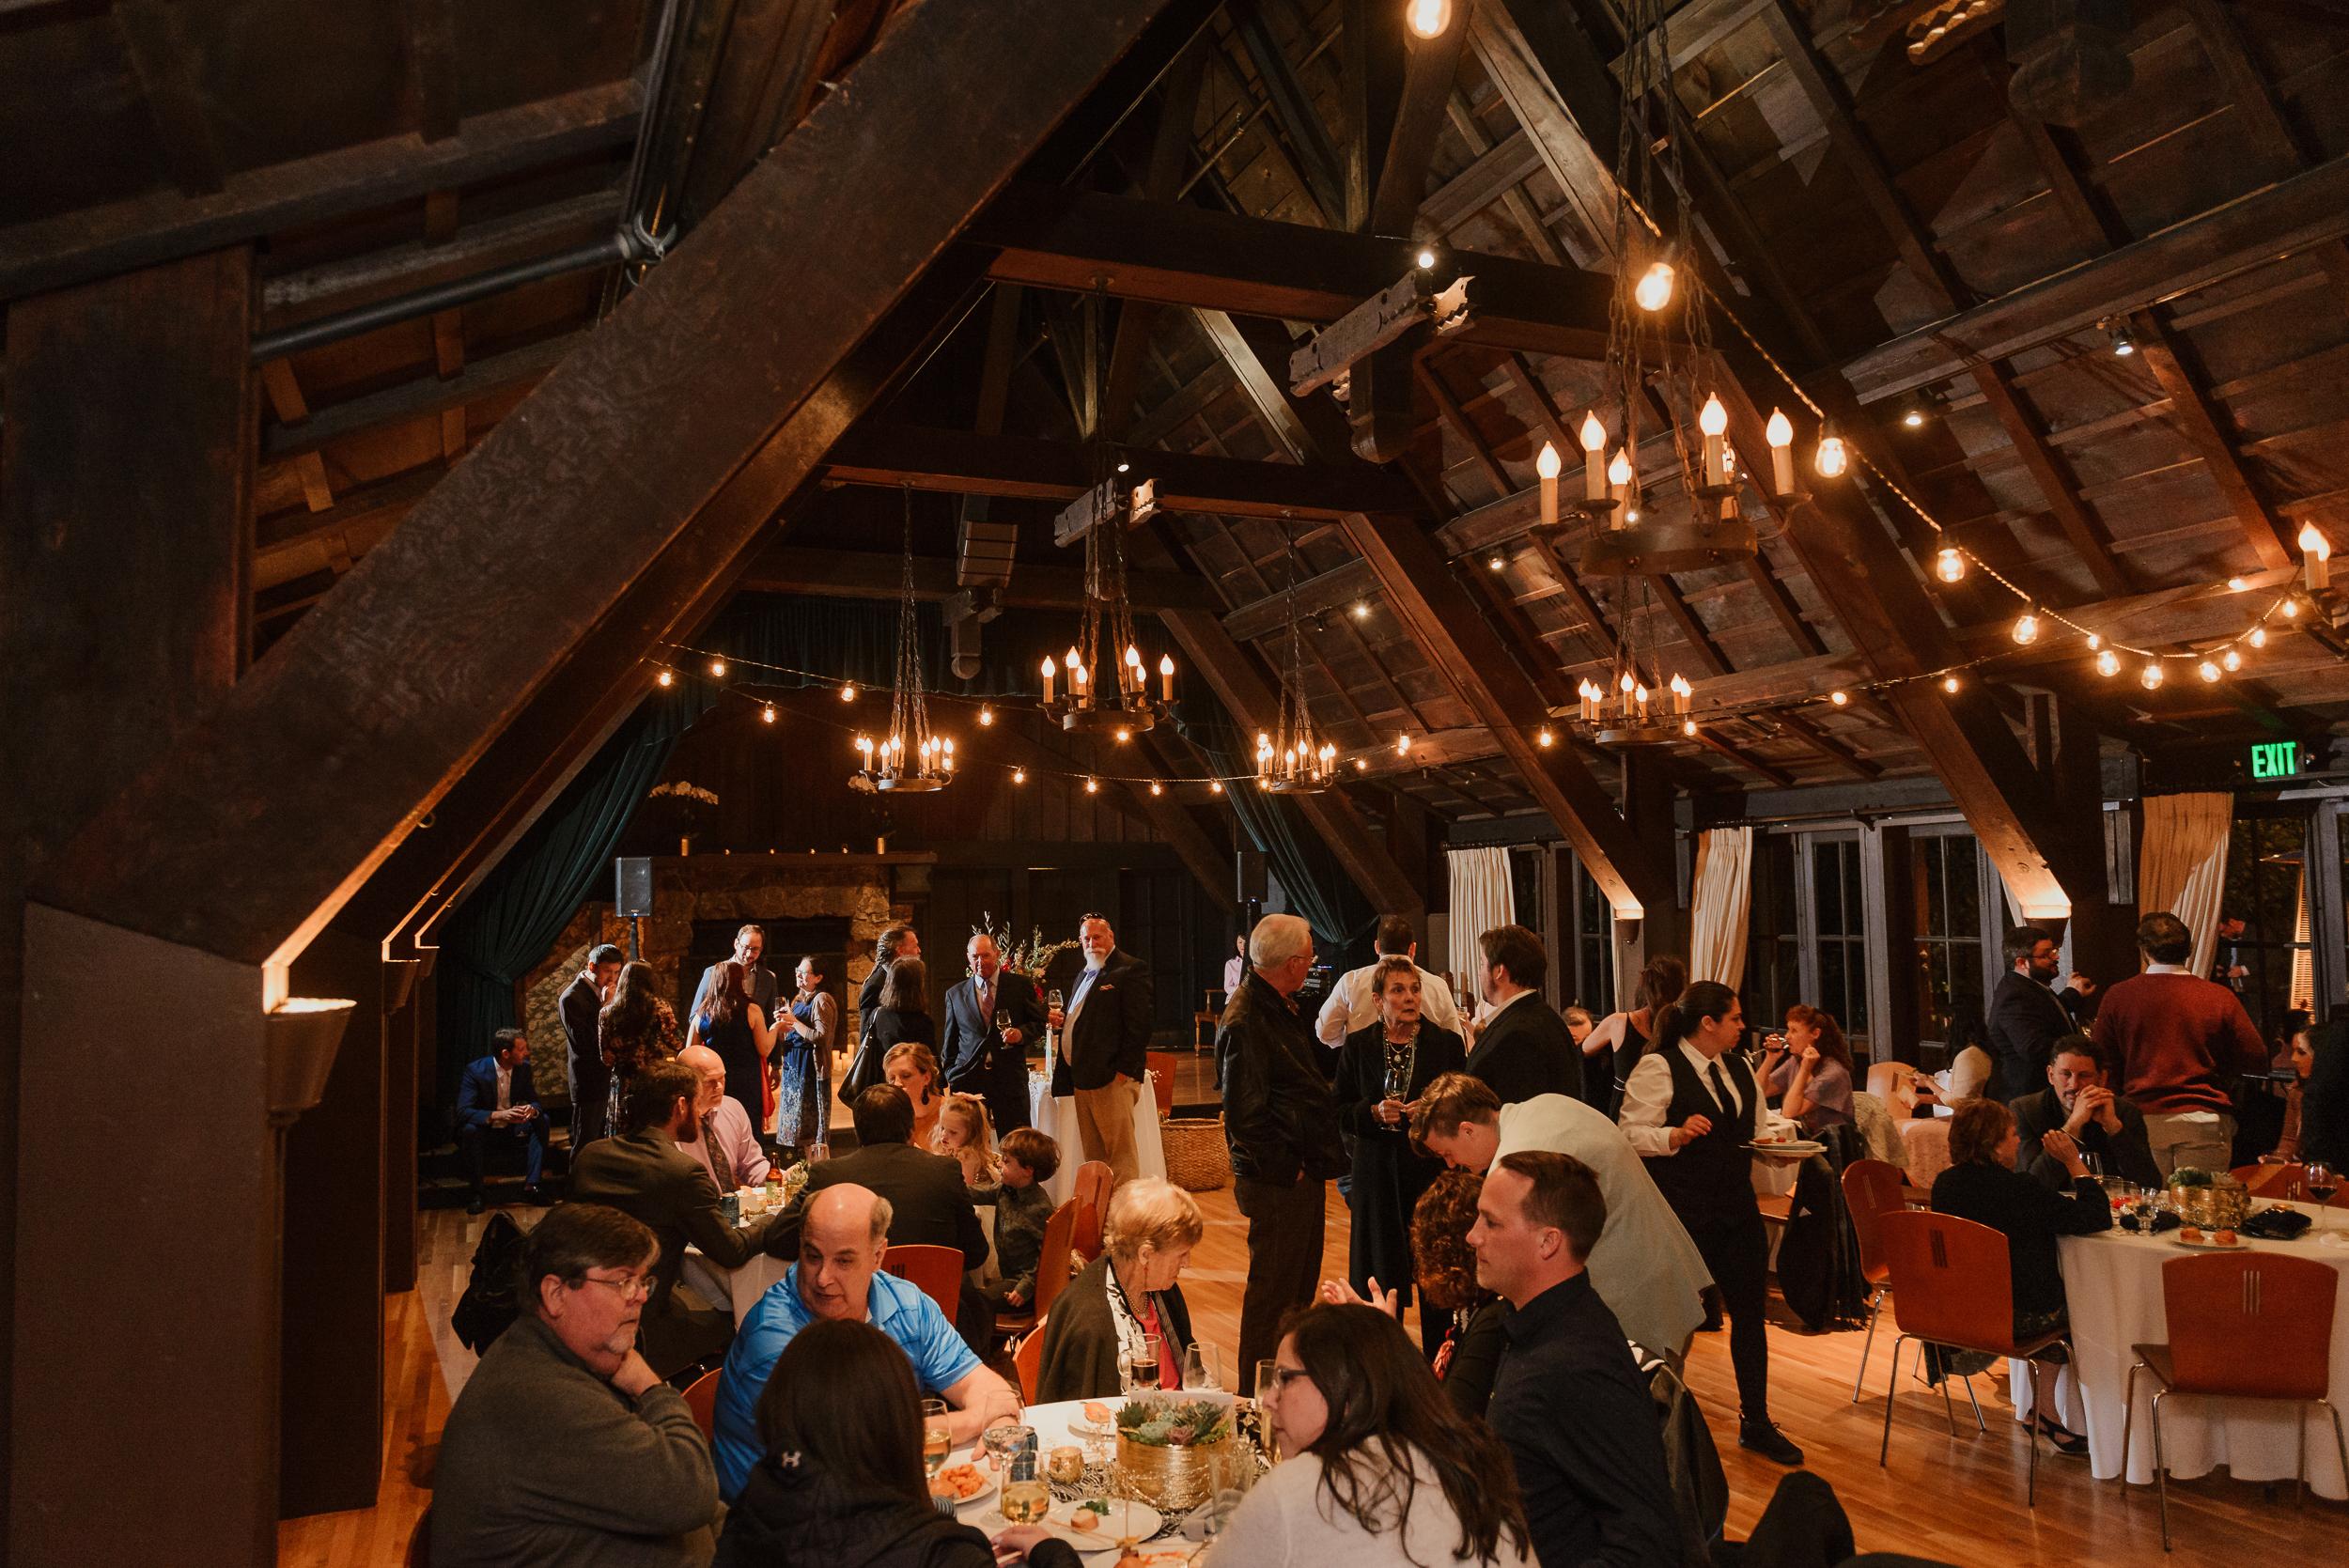 074winter-mill-valley-wedding-outdoor-art-club-wedding-vivianchen-423.jpg